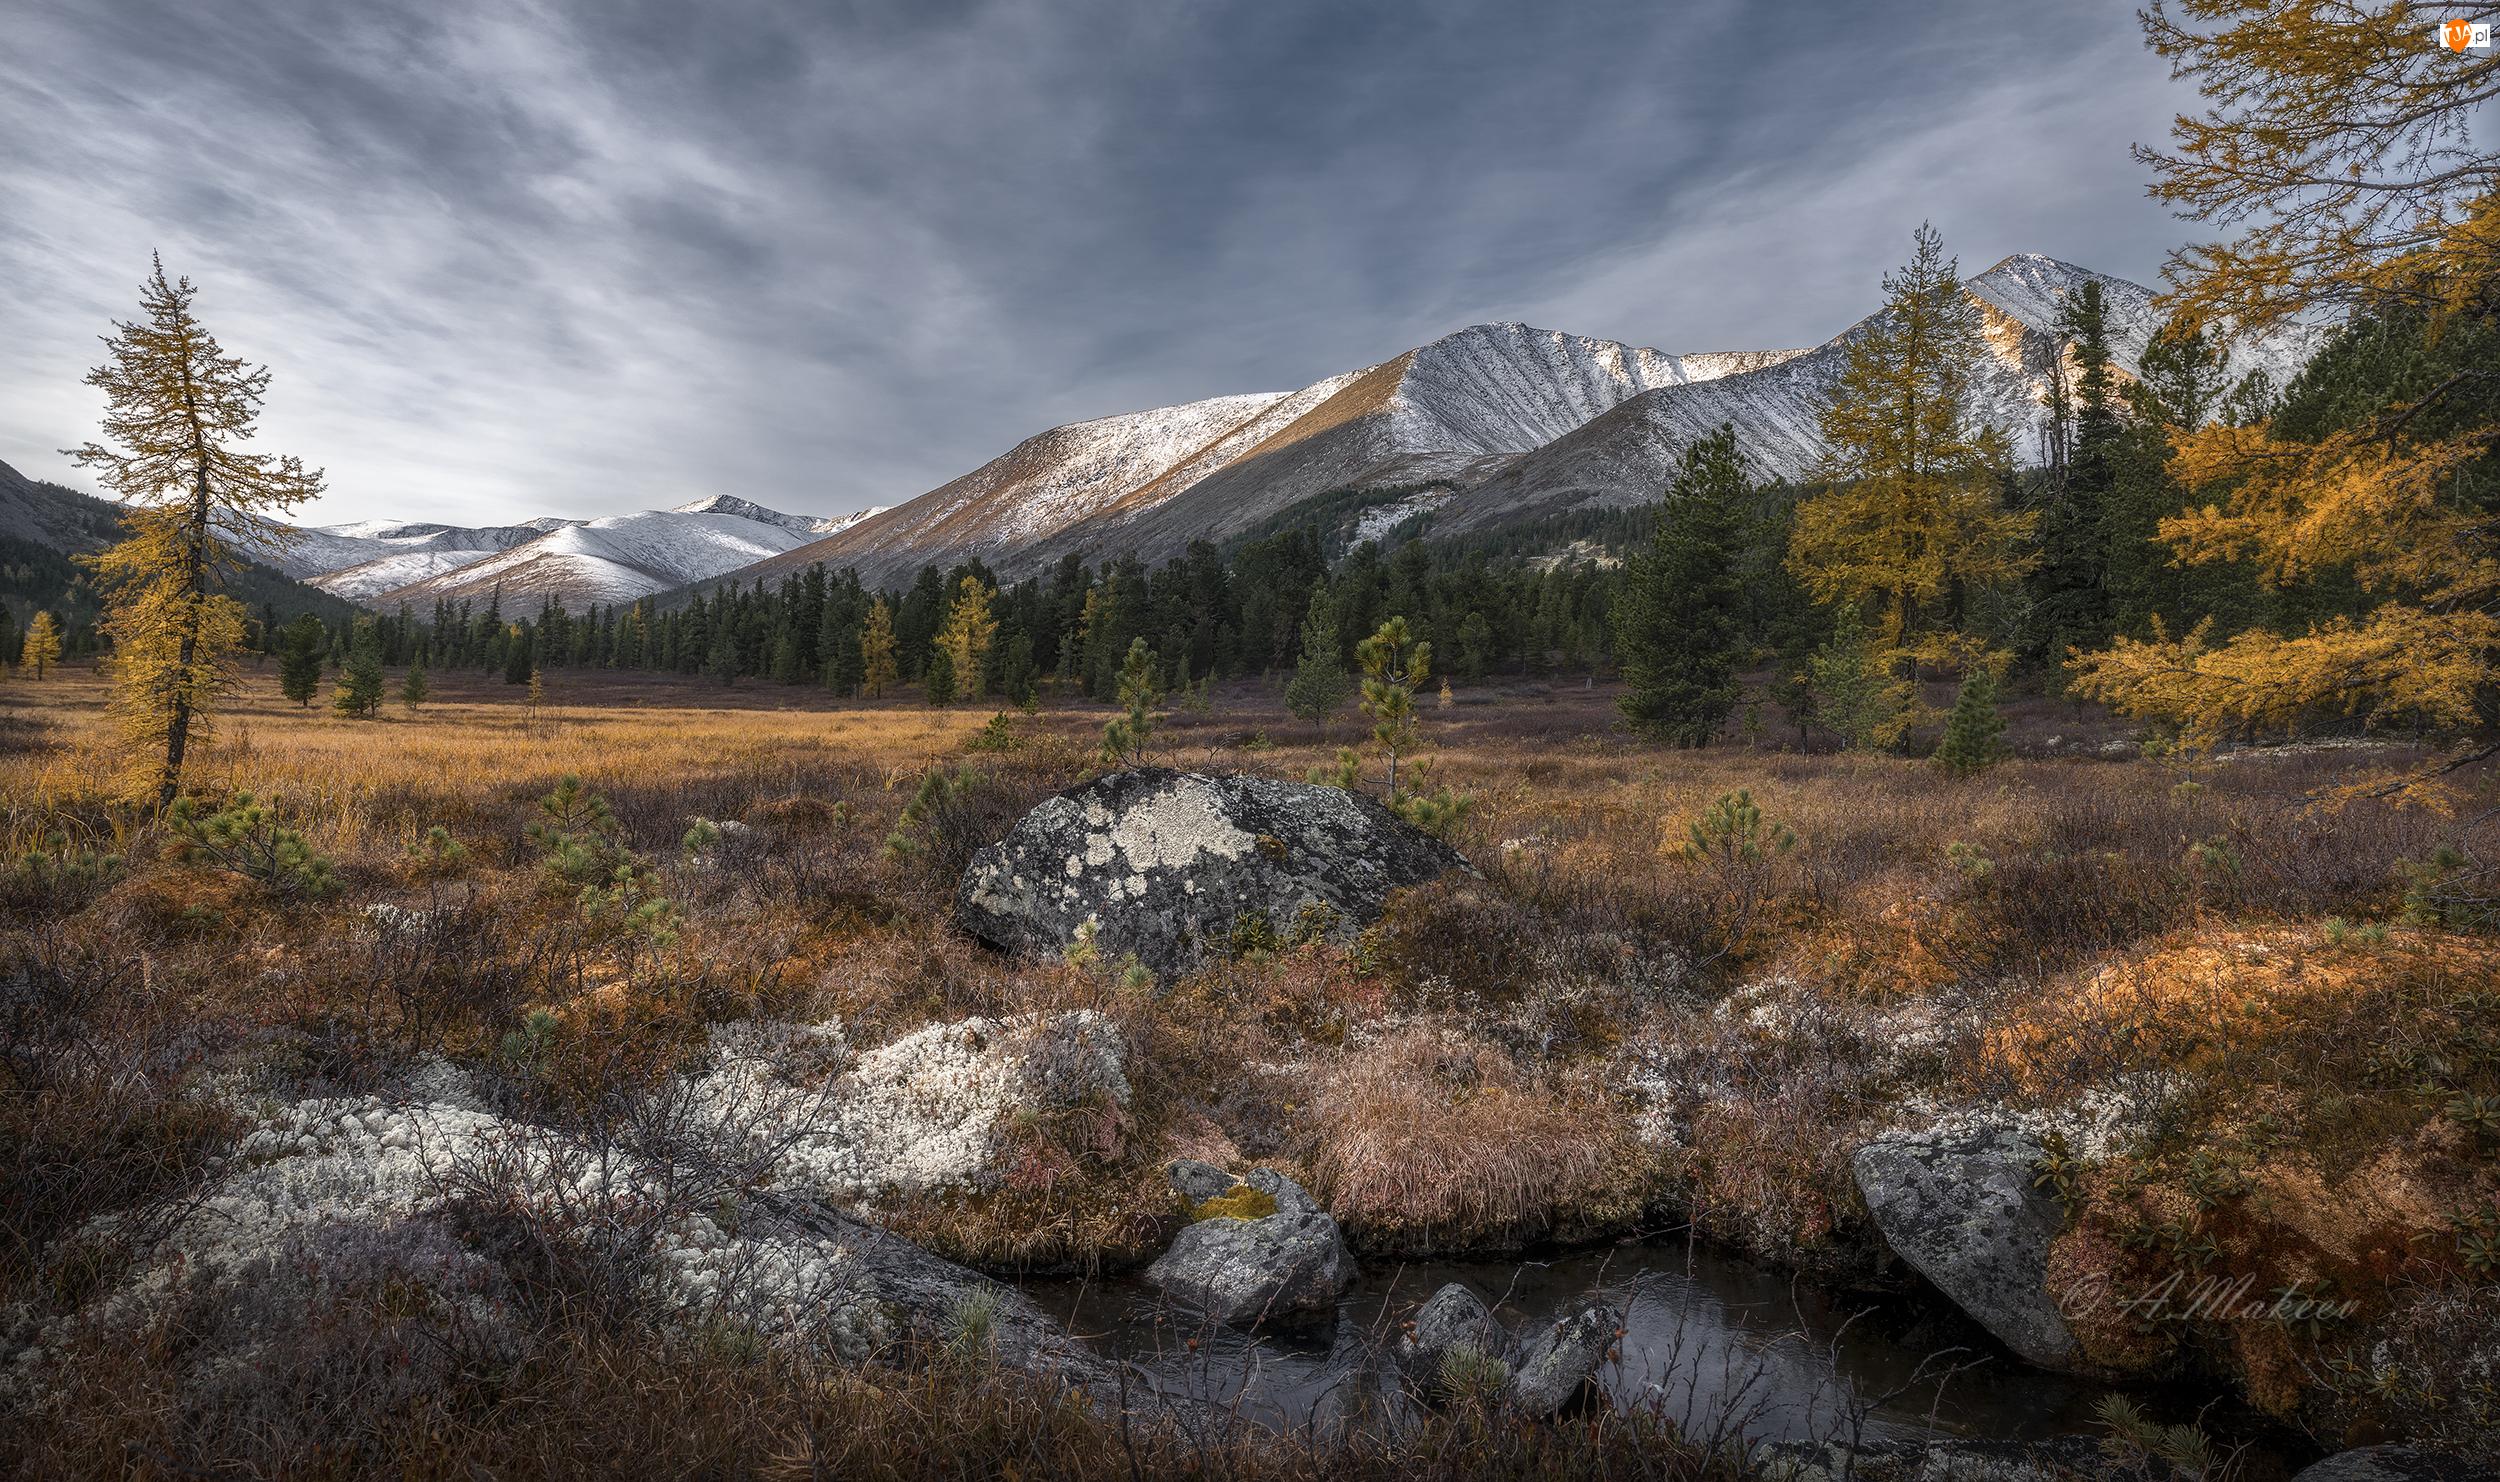 Skały, Rośliny, Góry, Jesień, Drzewa